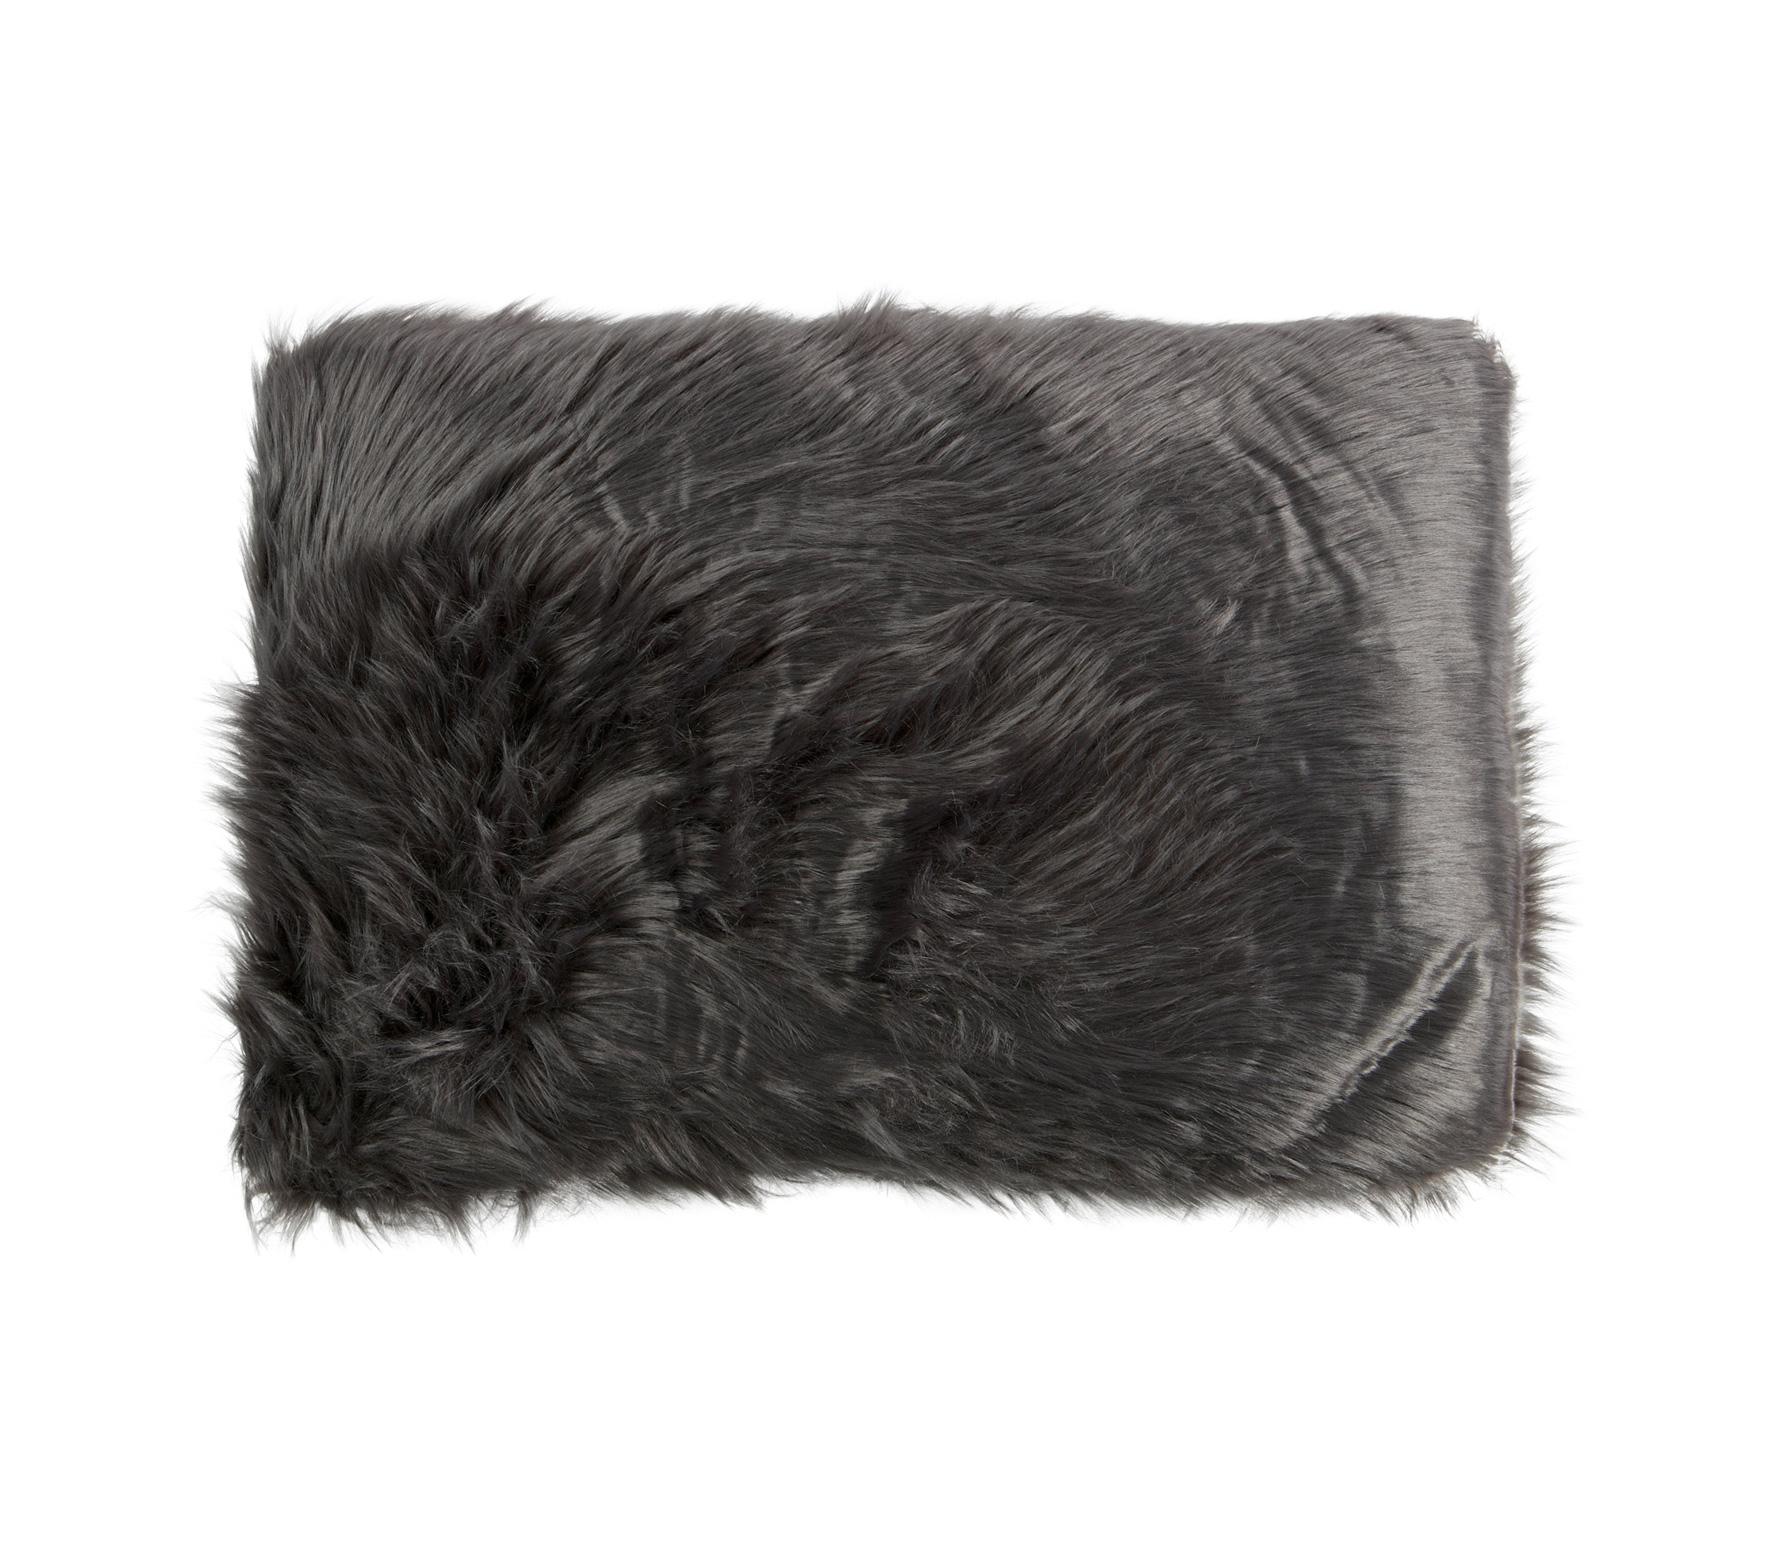 Imitatie schapenvacht kussen 40x60 cm grijs